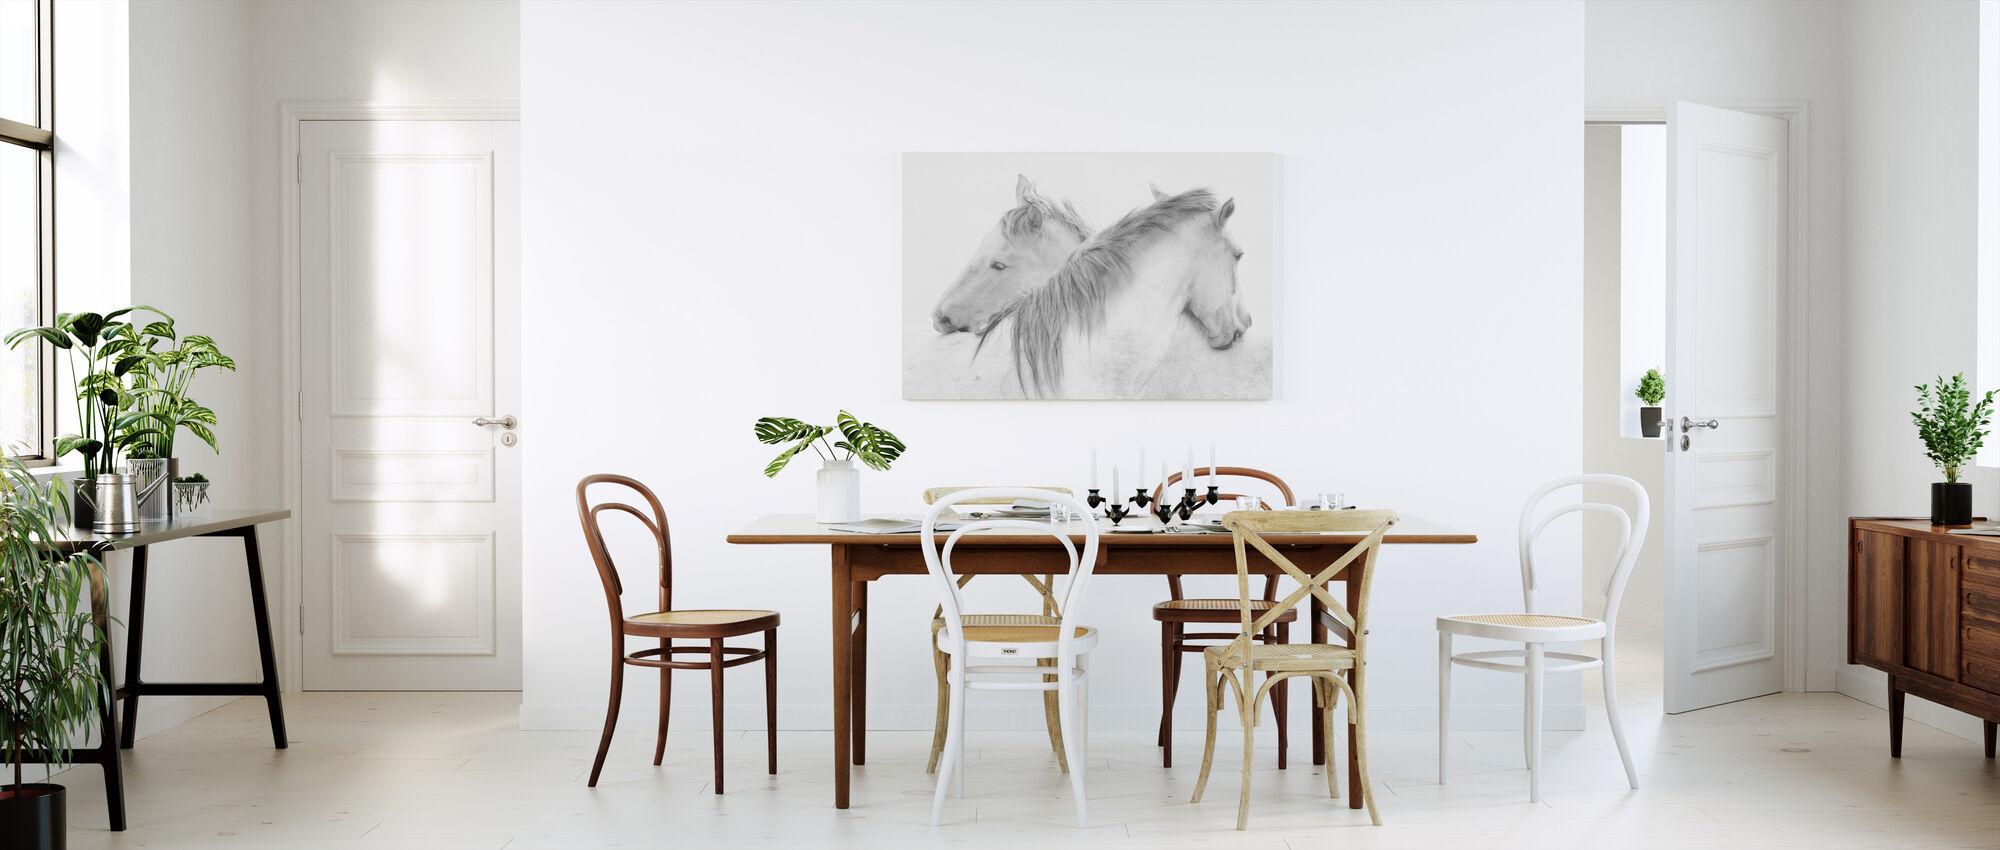 Horses - Canvas print - Kitchen